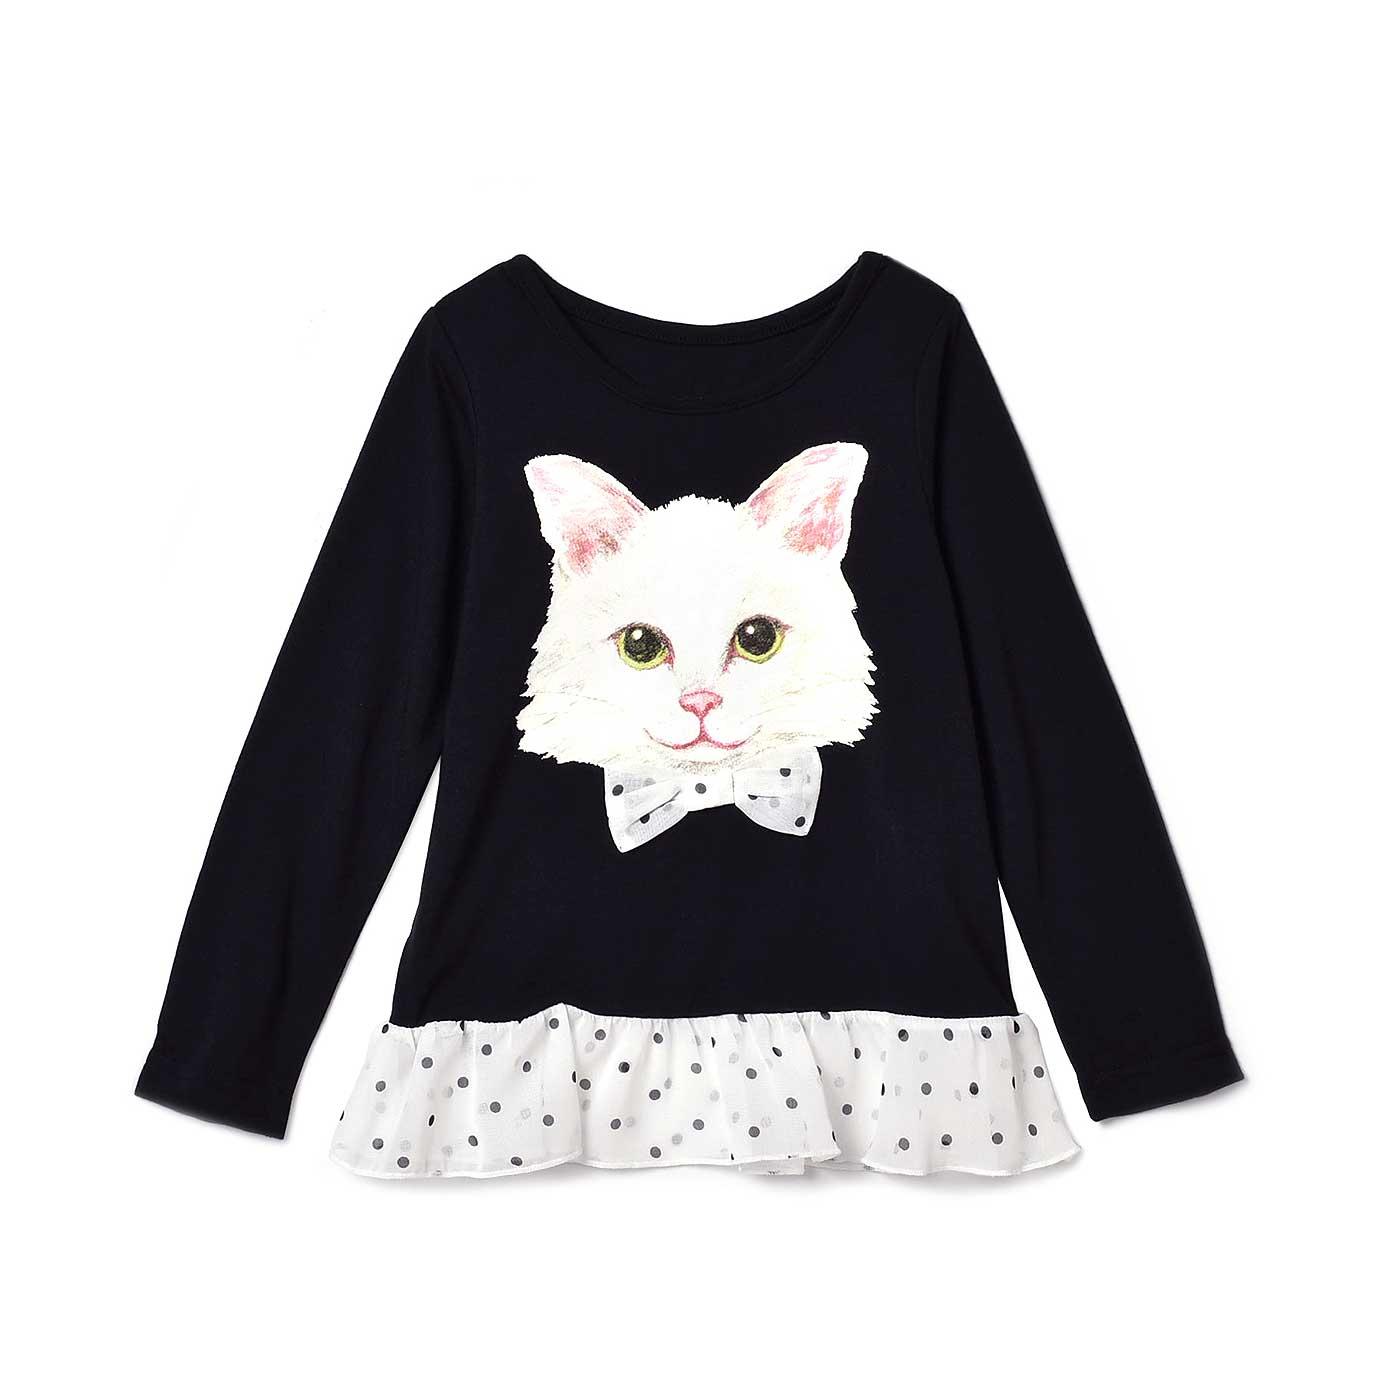 フェリシモキッズ×猫好き目線でつくった にゃんともおしゃれな長袖トップス〈ガールズ〉〈ブラック×ホワイト〉